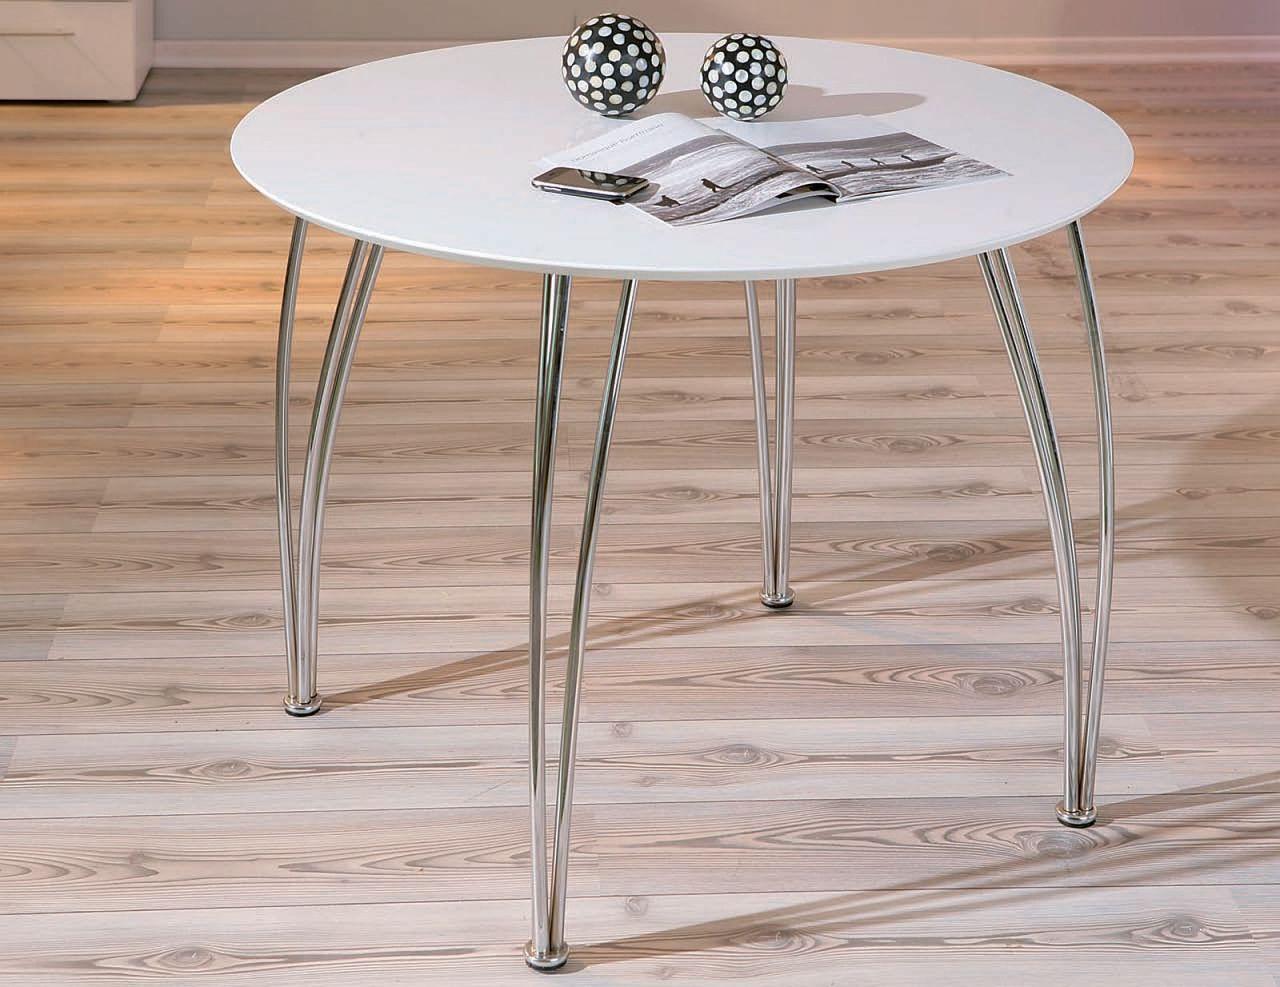 tisch esstisch rund 100 matt wei gestell chrom l cely kaufen bei eh m bel. Black Bedroom Furniture Sets. Home Design Ideas